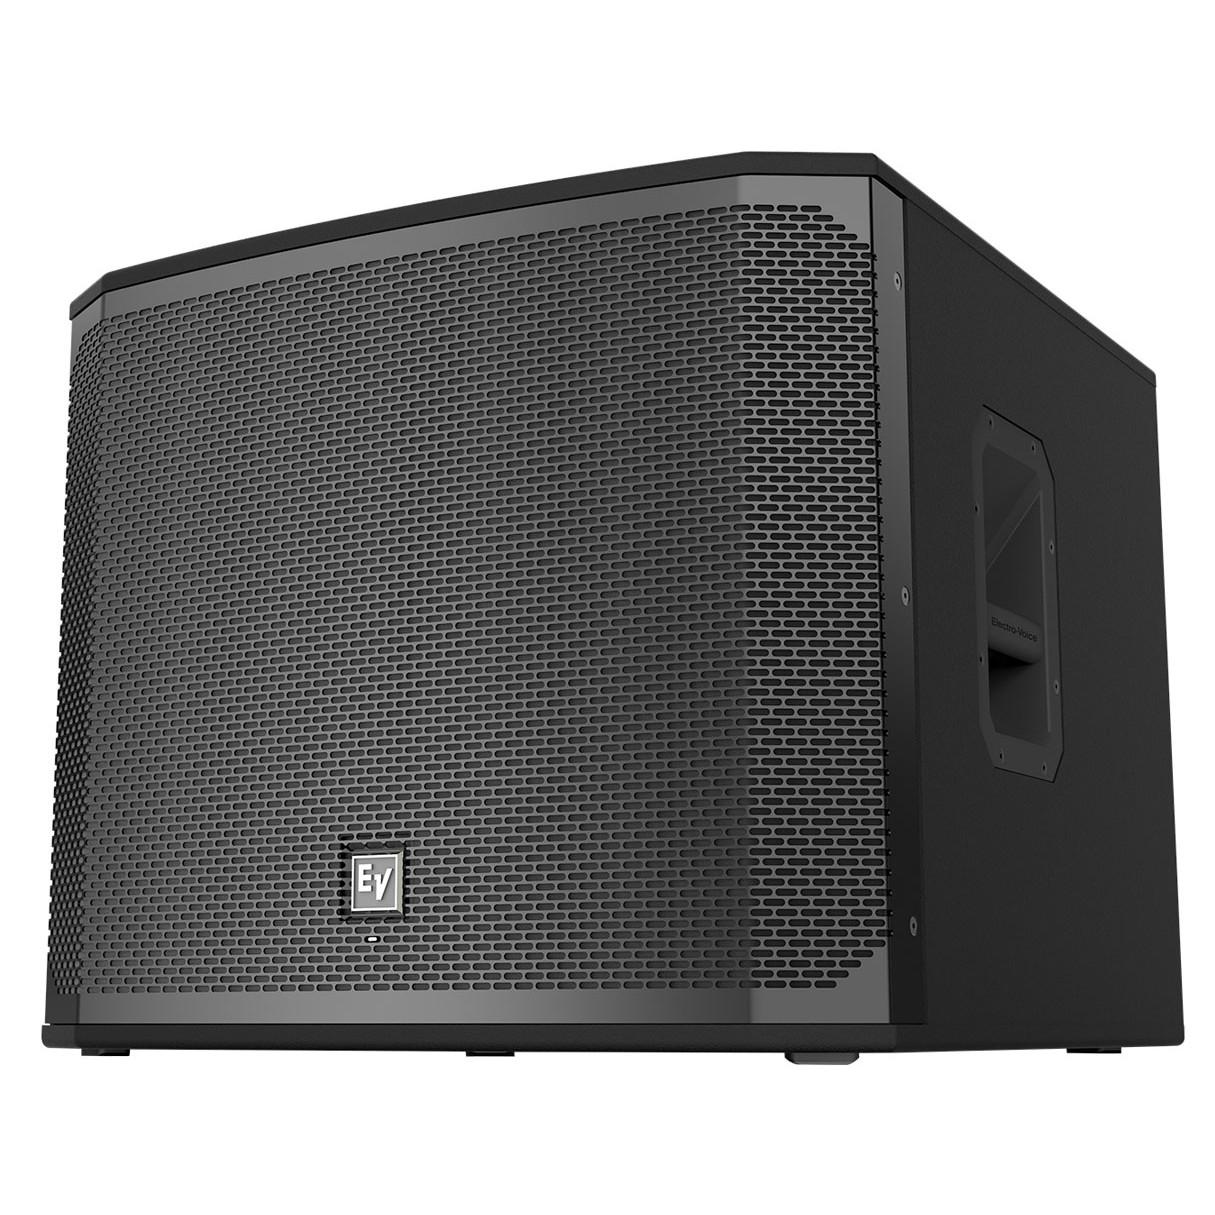 electro voice ekx 18sp 18 powered subwoofer. Black Bedroom Furniture Sets. Home Design Ideas